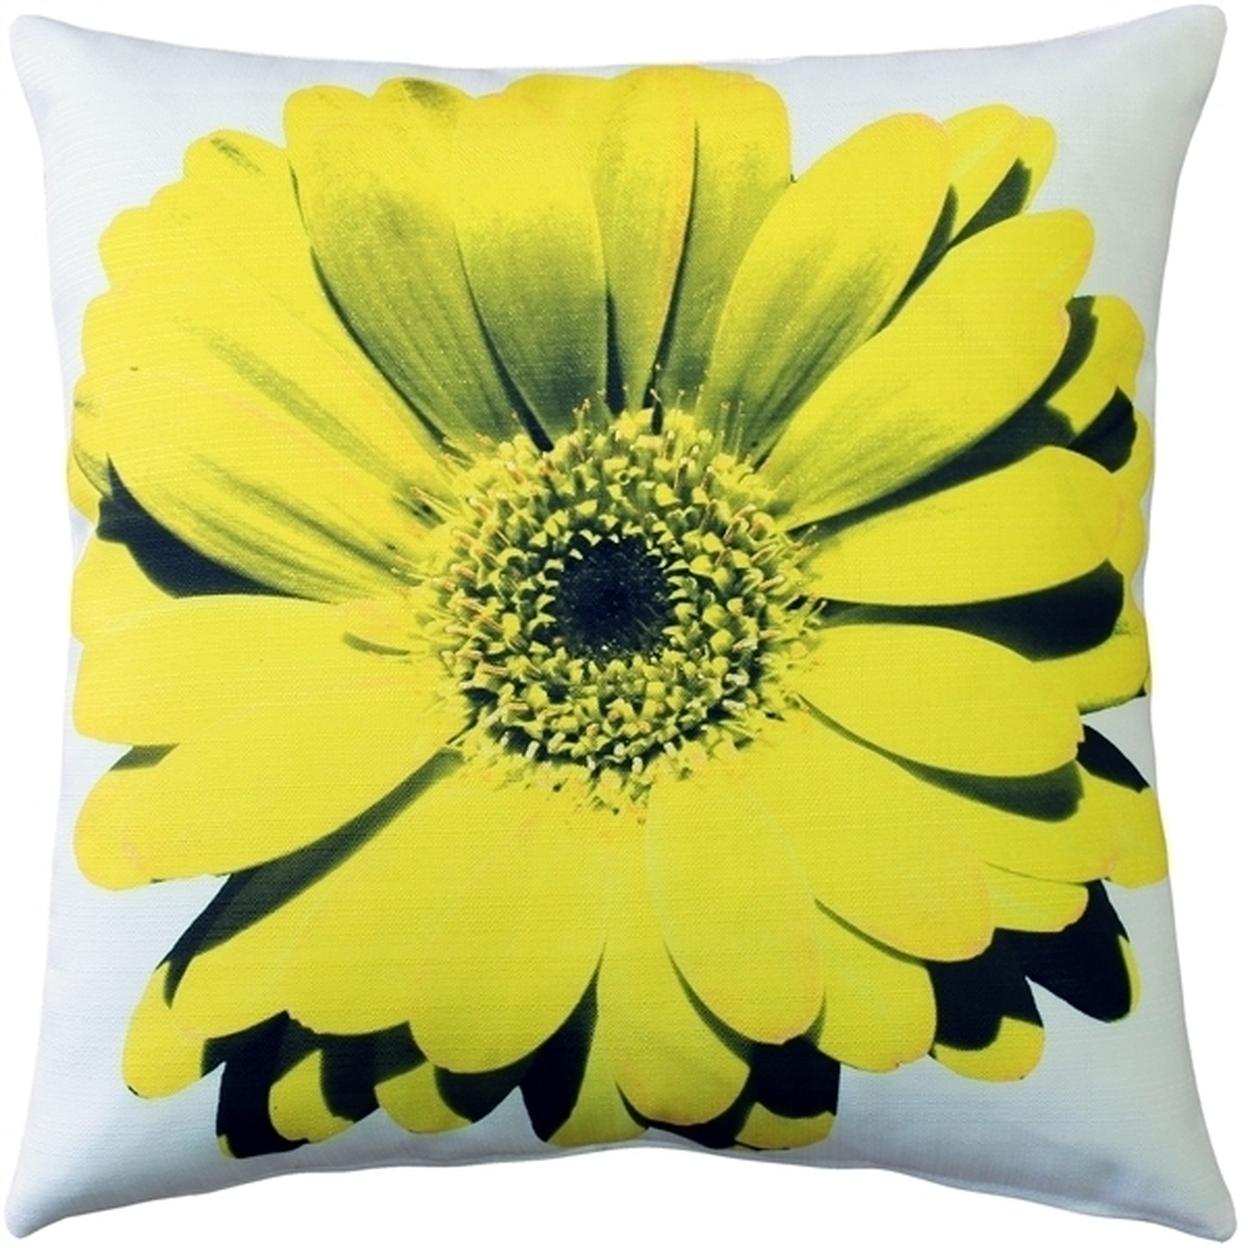 Pillow Decor - Bold Daisy Flower Yellow Throw Pillow 20X20 56578f5ba3771c8f498bccf3